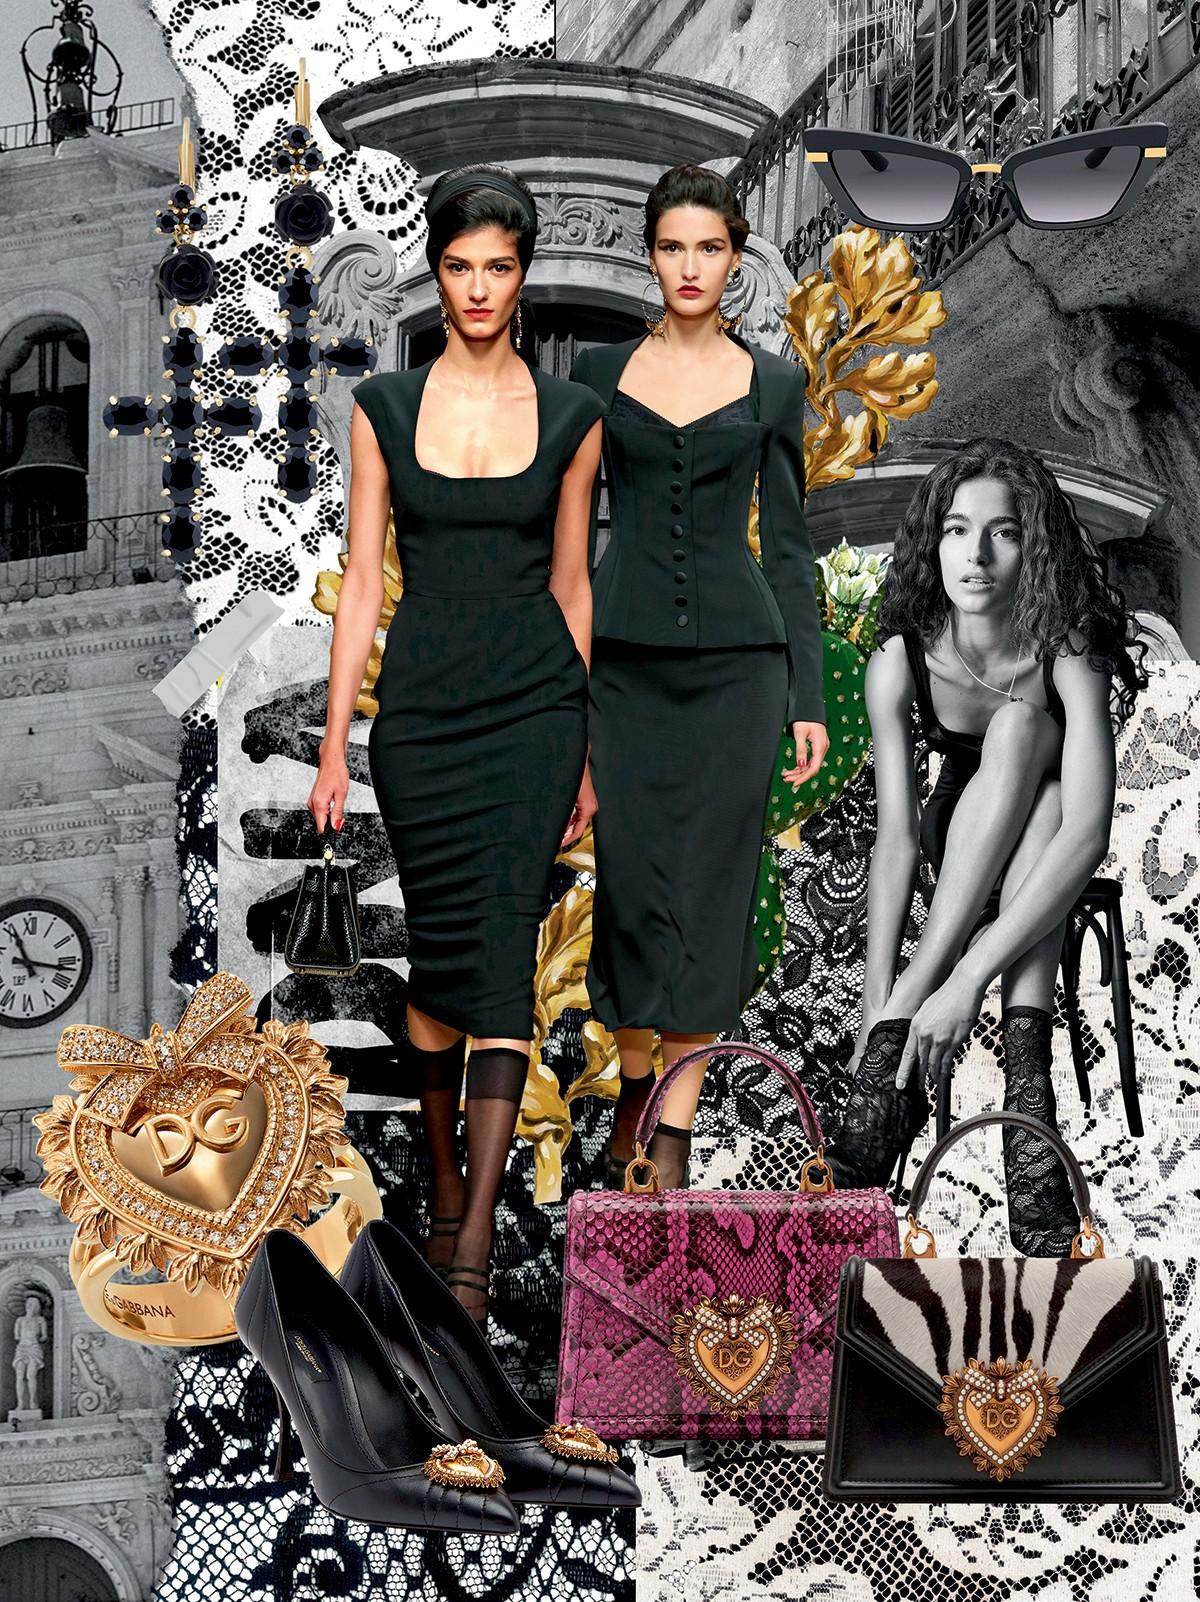 Dolce & Gabbana - À siciliana: o preto, inspirado nos trajes das mulheres em luto, tradição no sul da Itália, aparece em conjunto com o ornamentalismo religioso  (Foto: Cortesia Dolce & Gabbana)